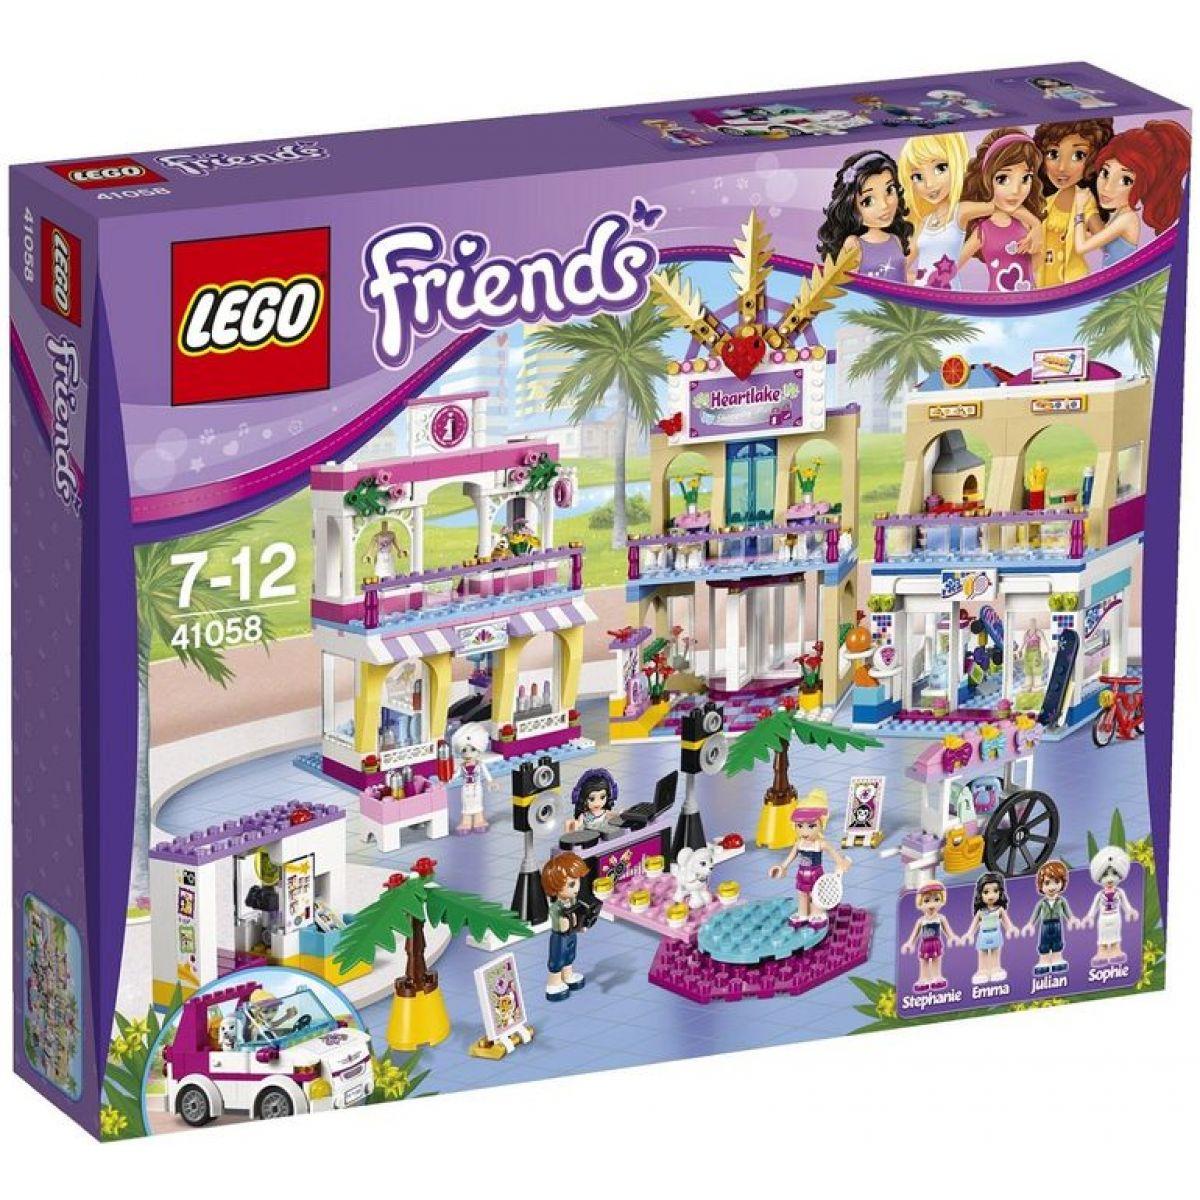 LEGO Friends 41058 - Obchodní zóna Heartlake